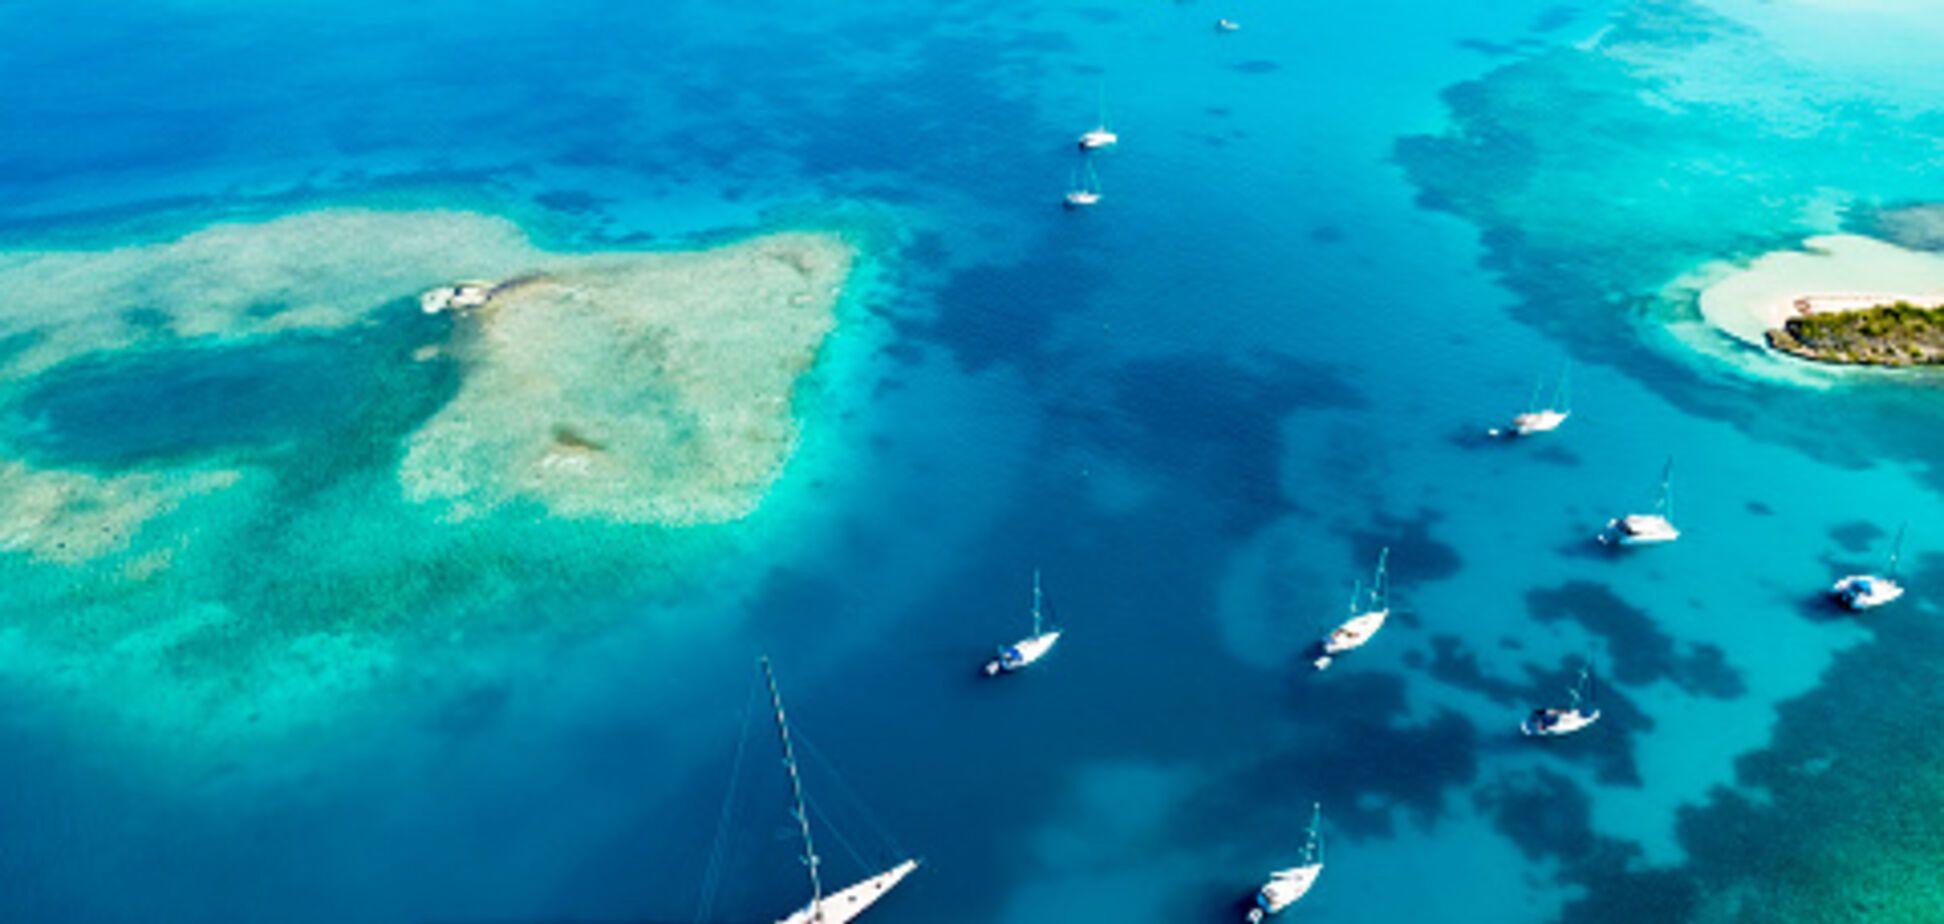 Райские пляжи: Украина получила 'безвиз' с государством в Карибском море